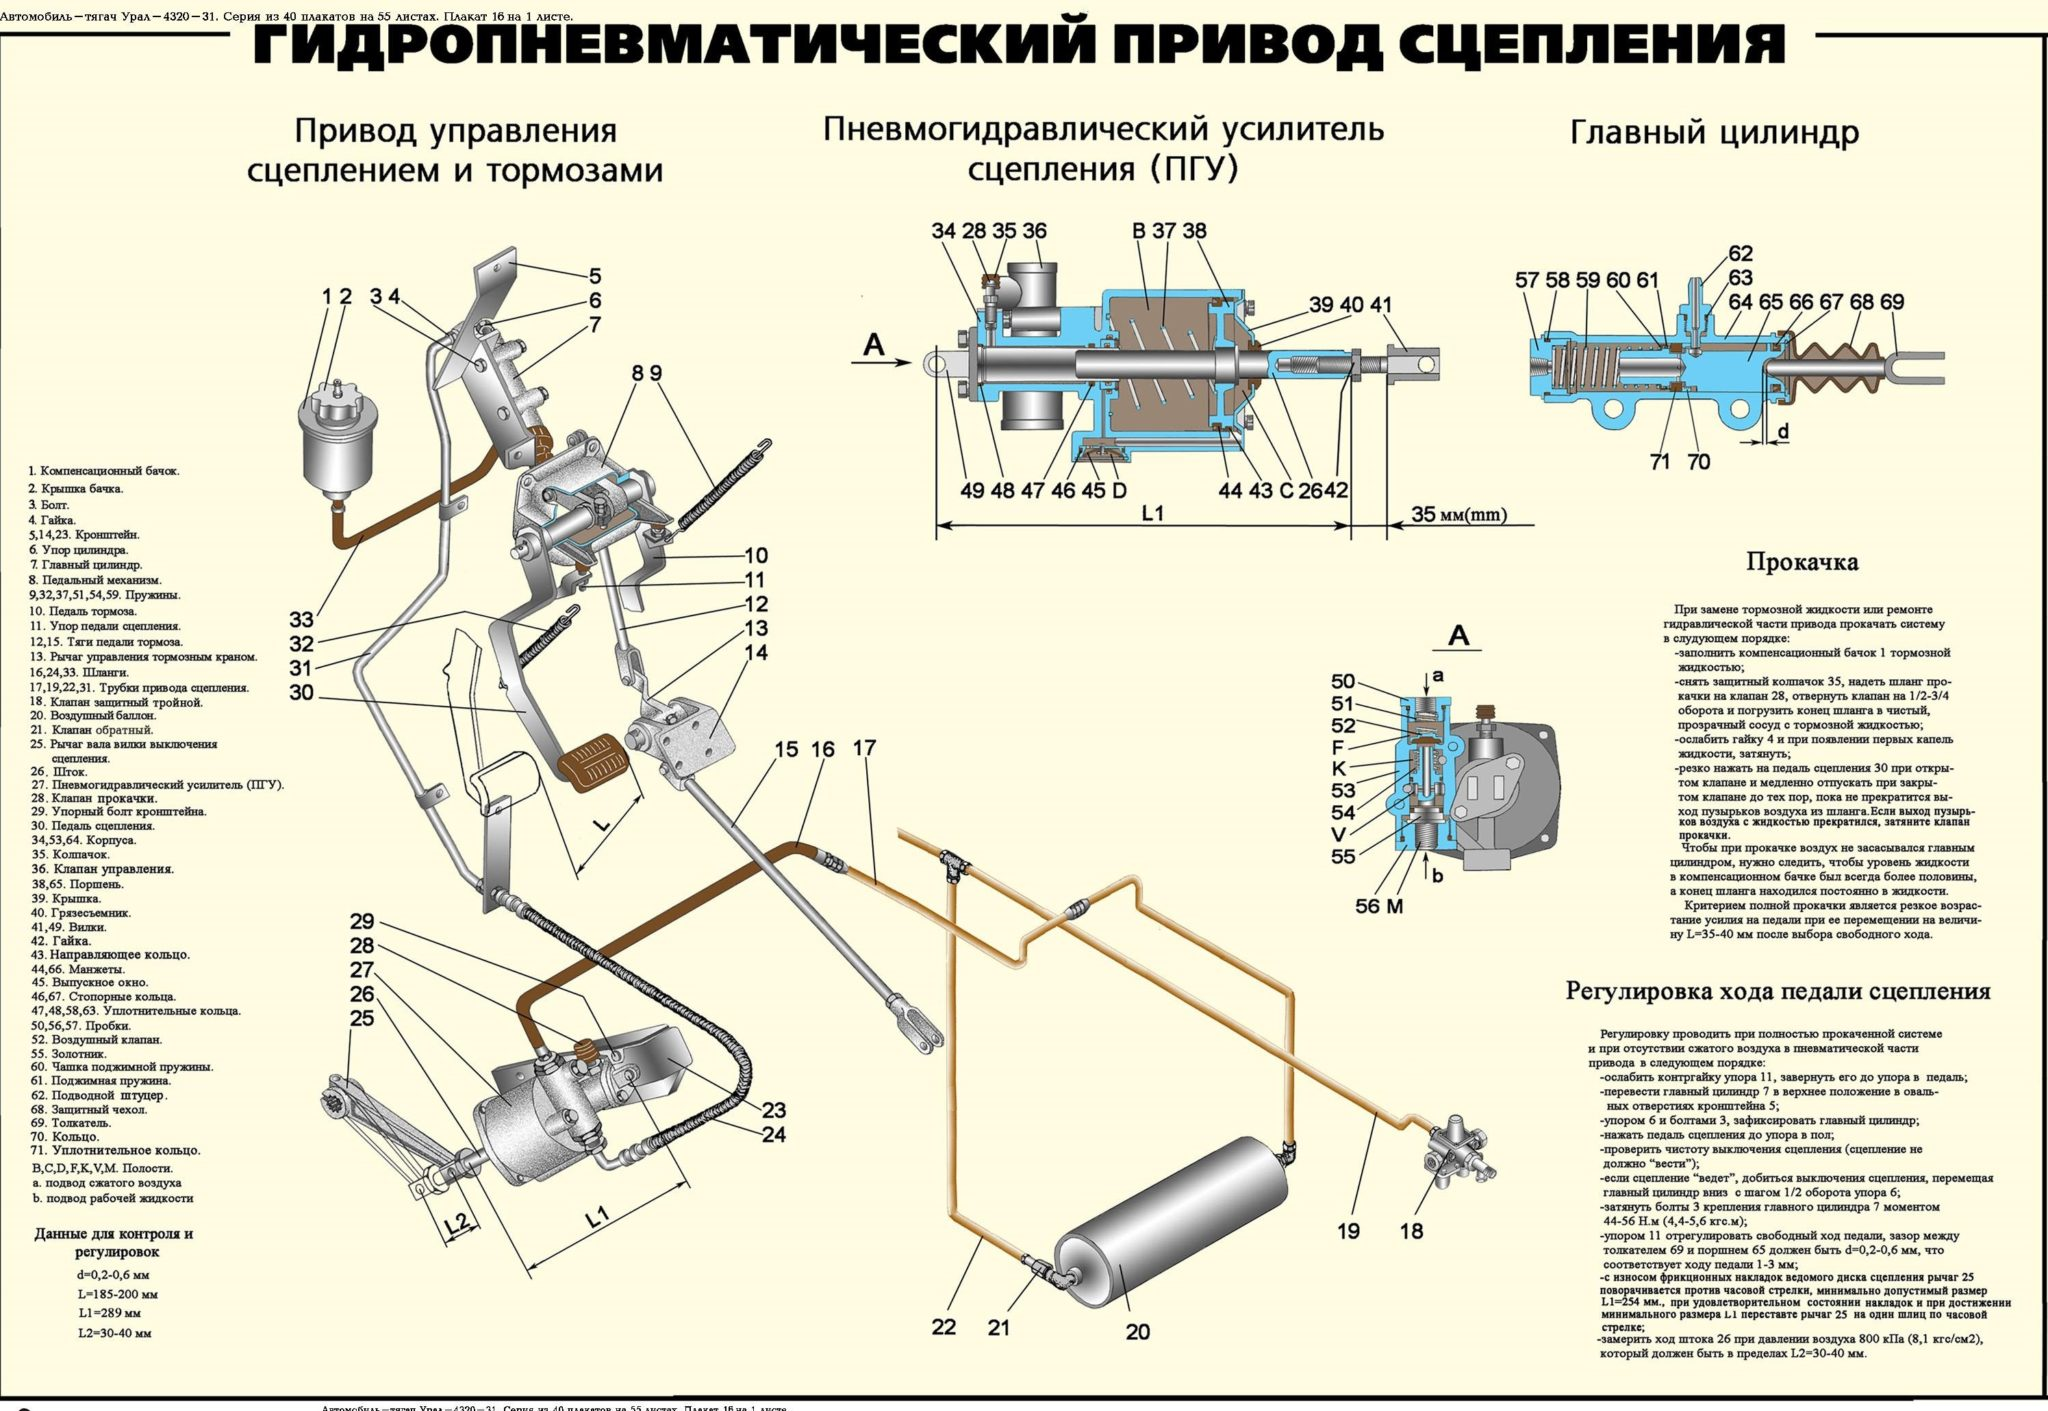 Схема гидропневматического привода сцепления